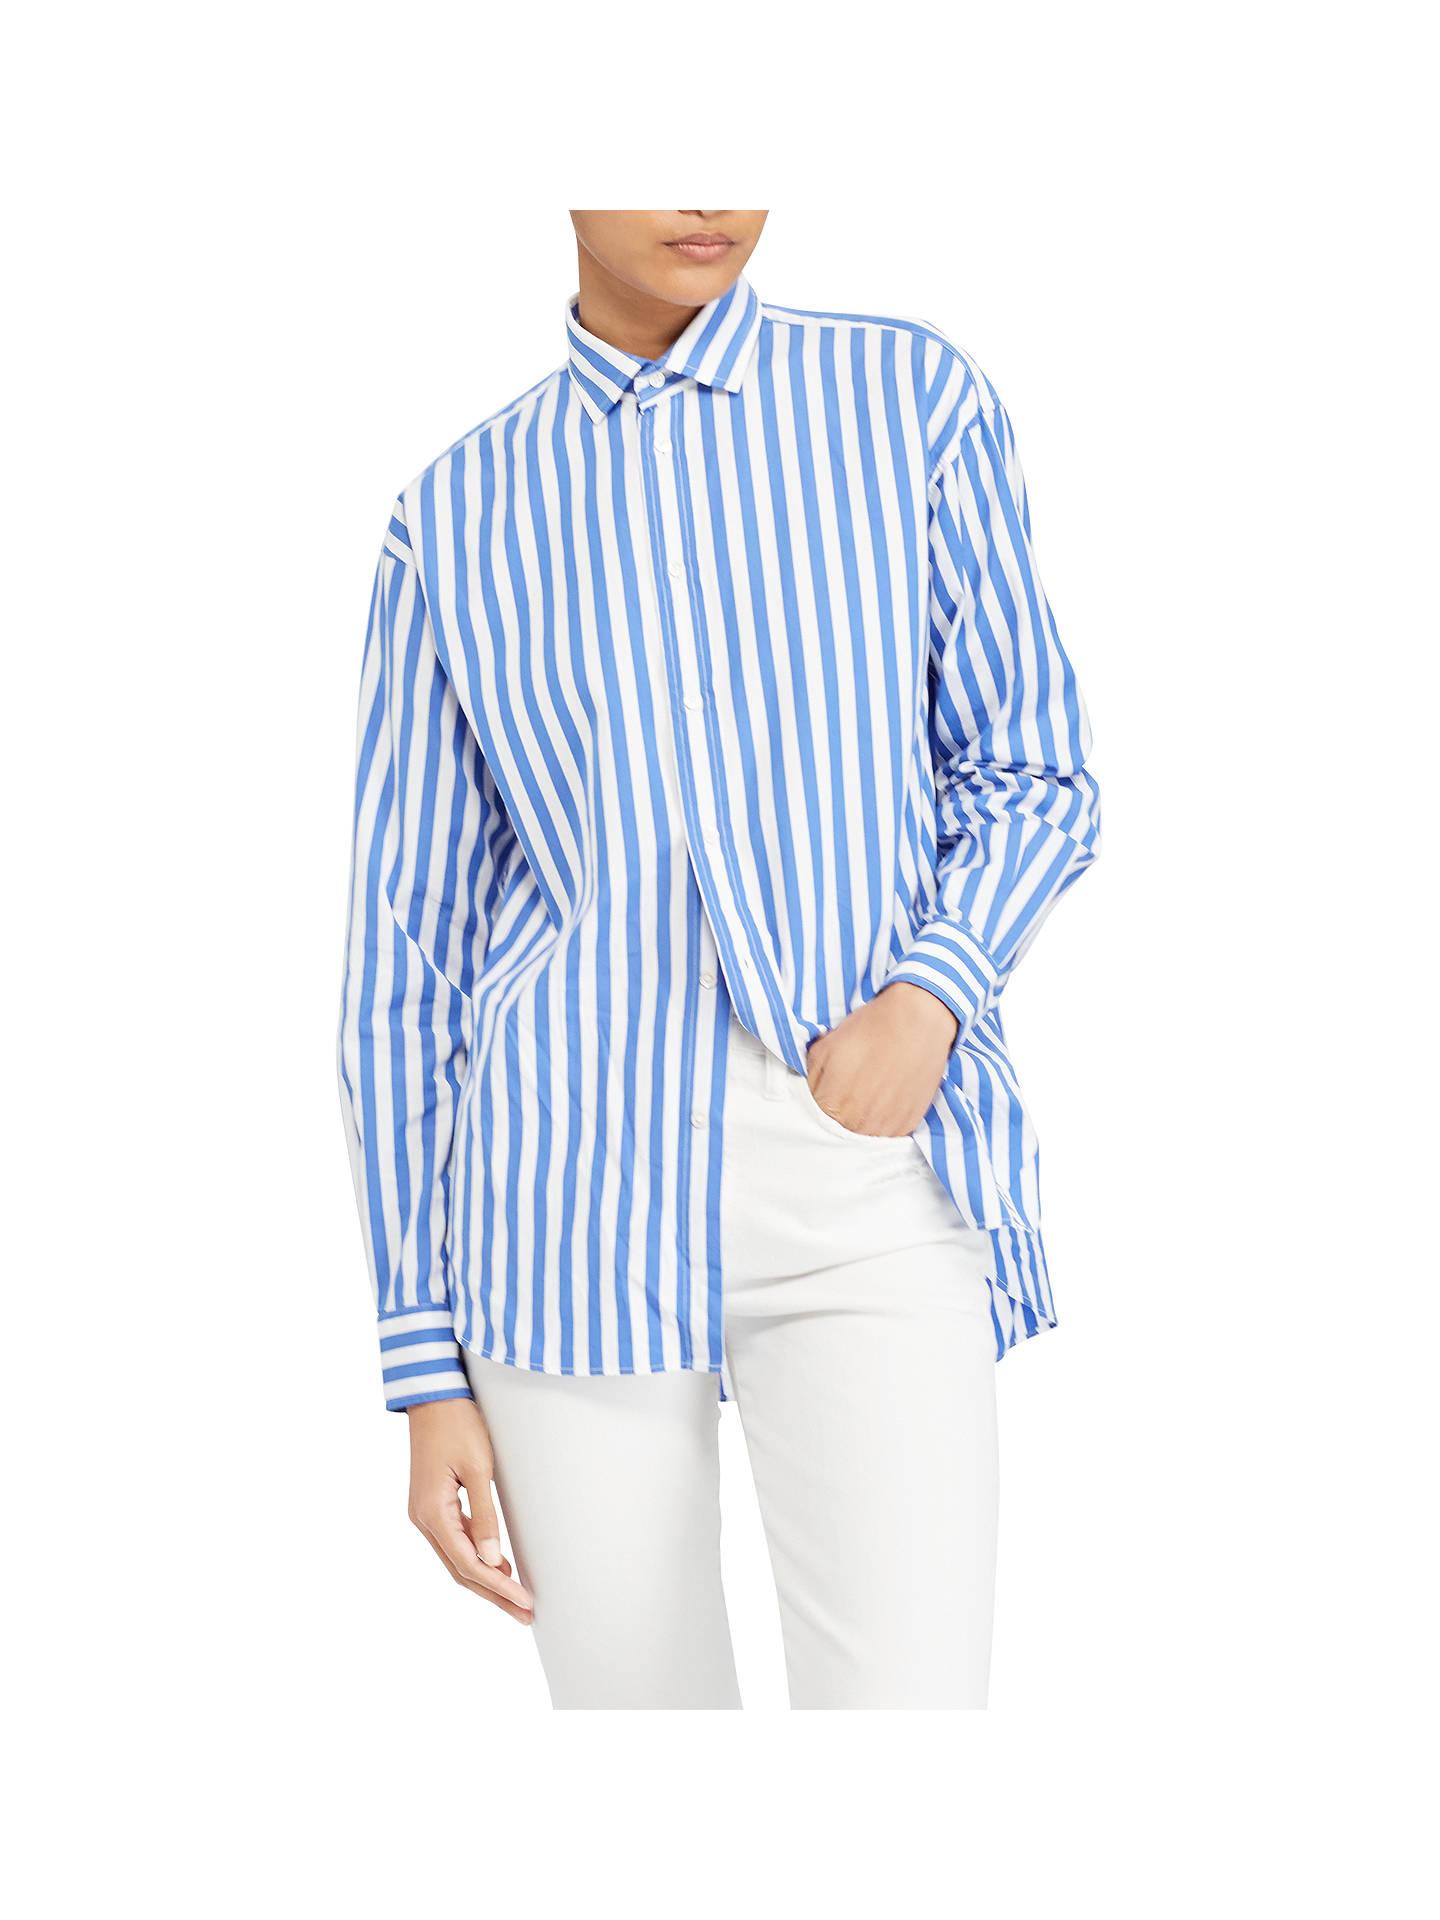 3ca12762467d5 Buy Polo Ralph Lauren Striped Shirt